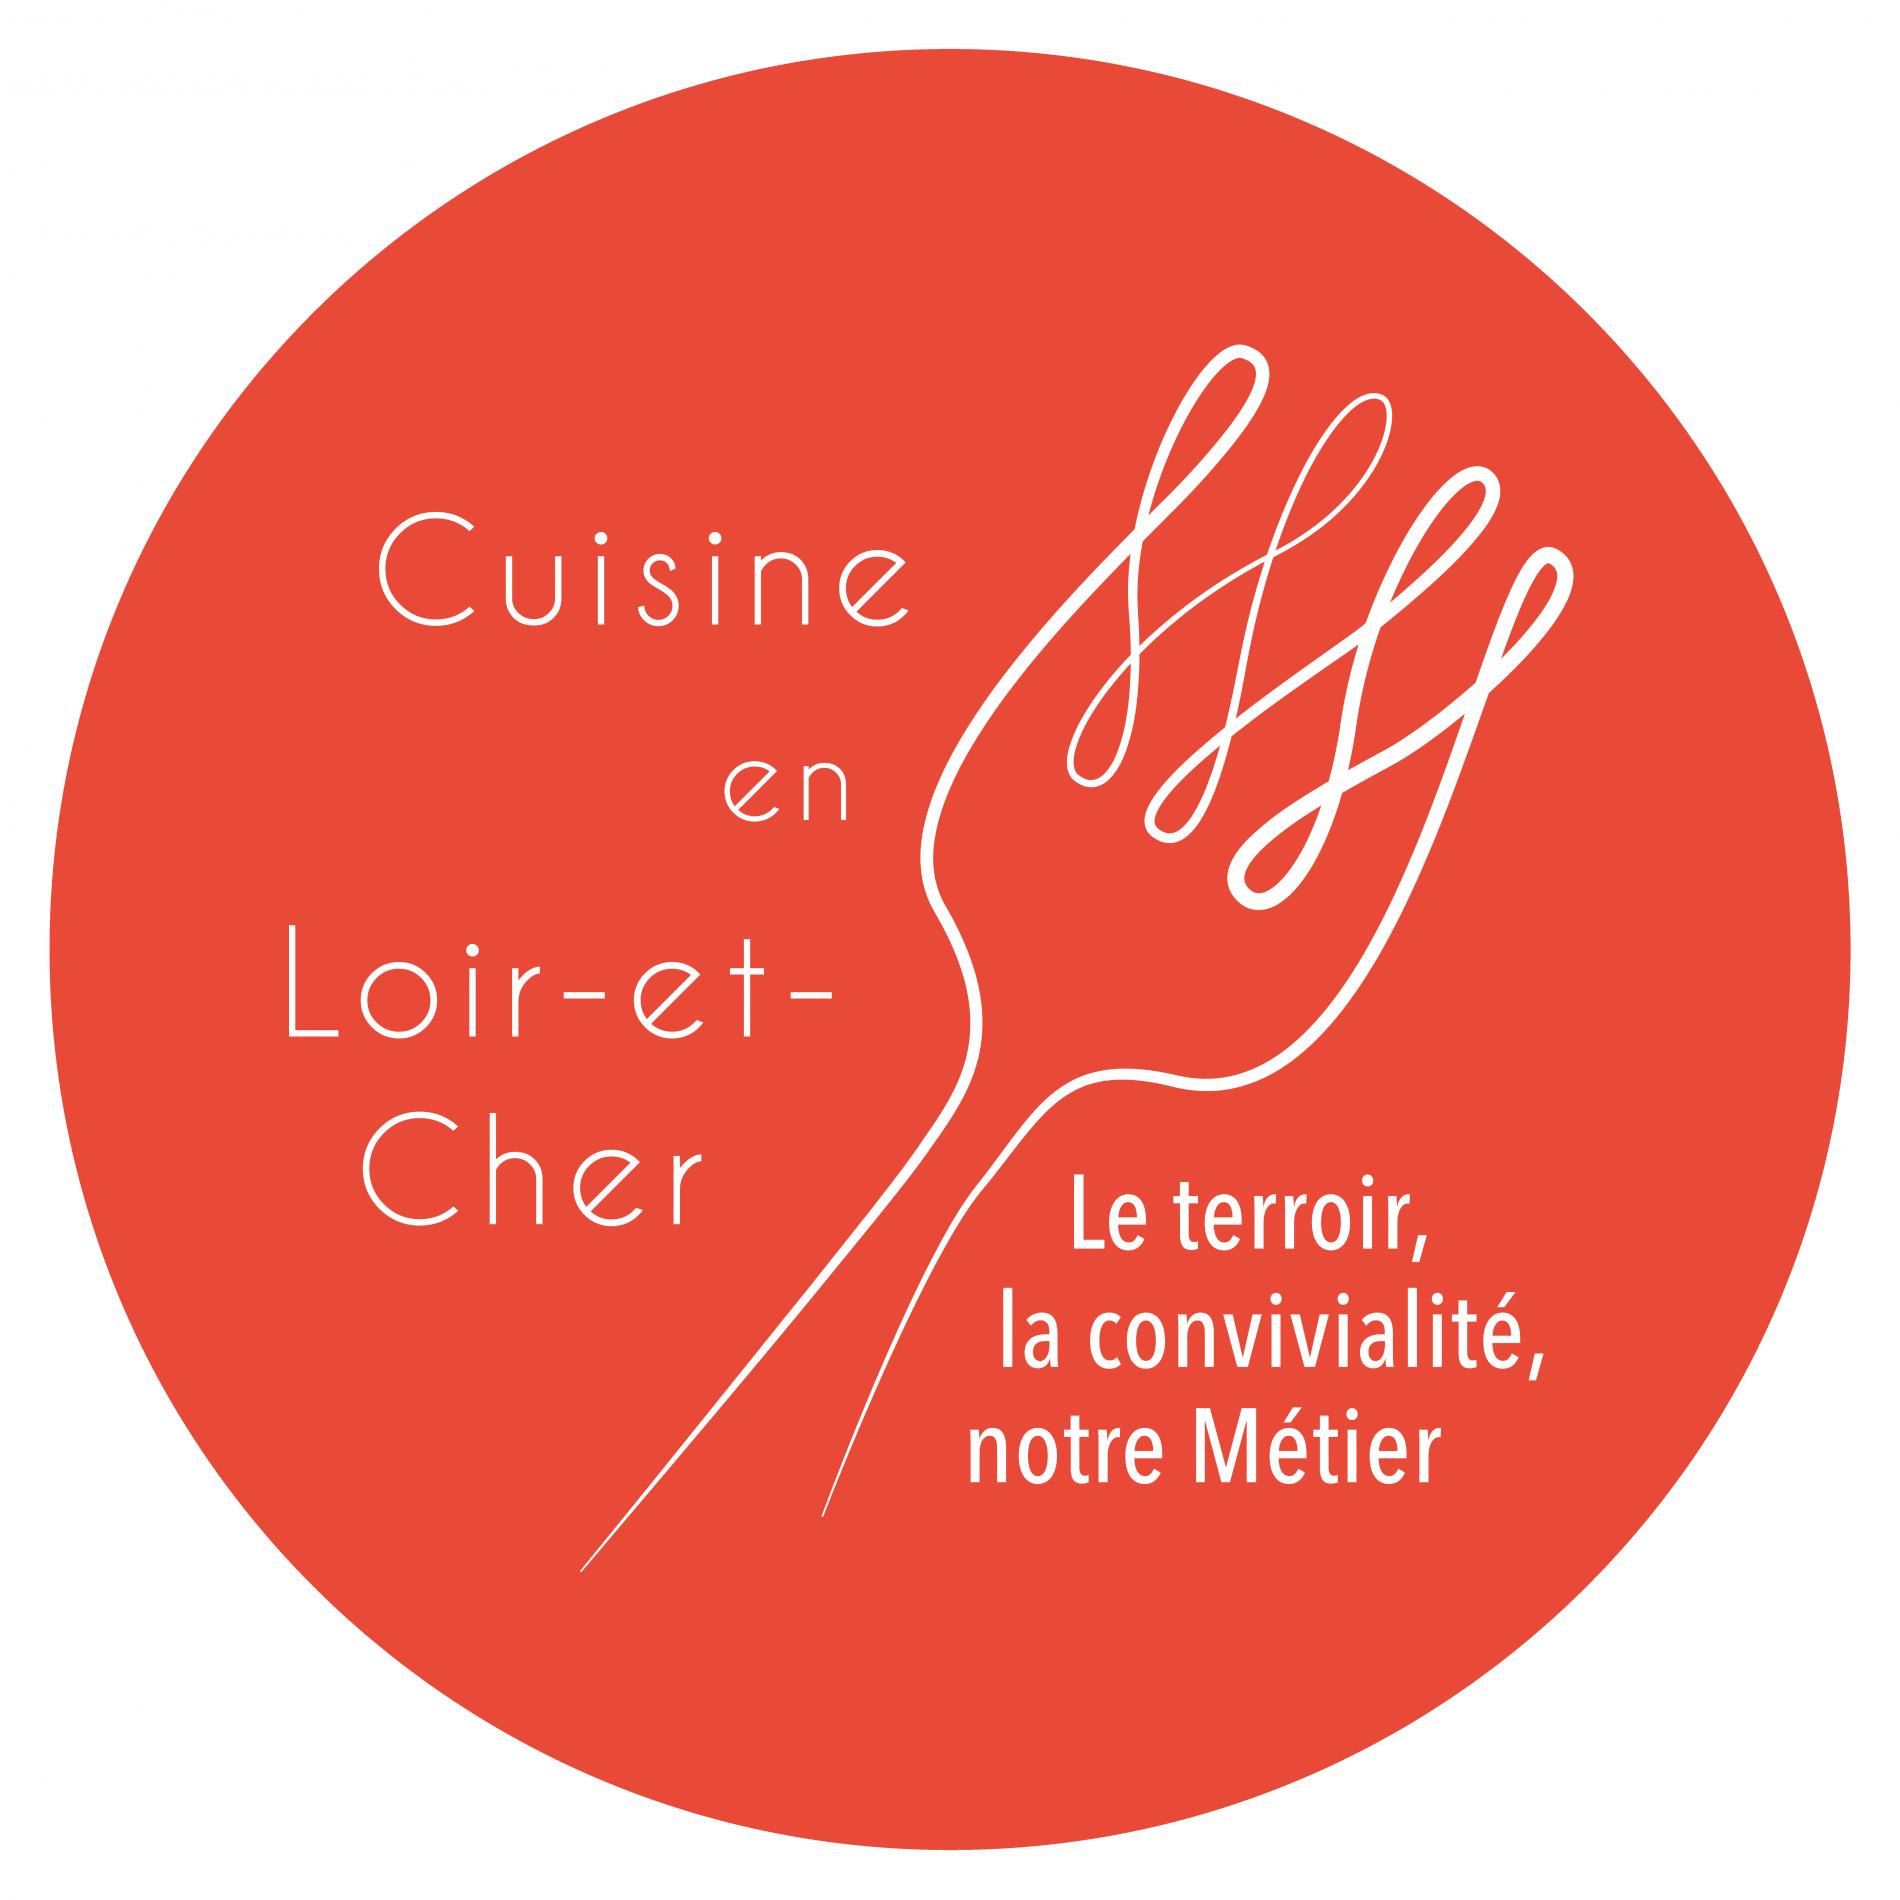 Logo Cuisine en Loir et Cher